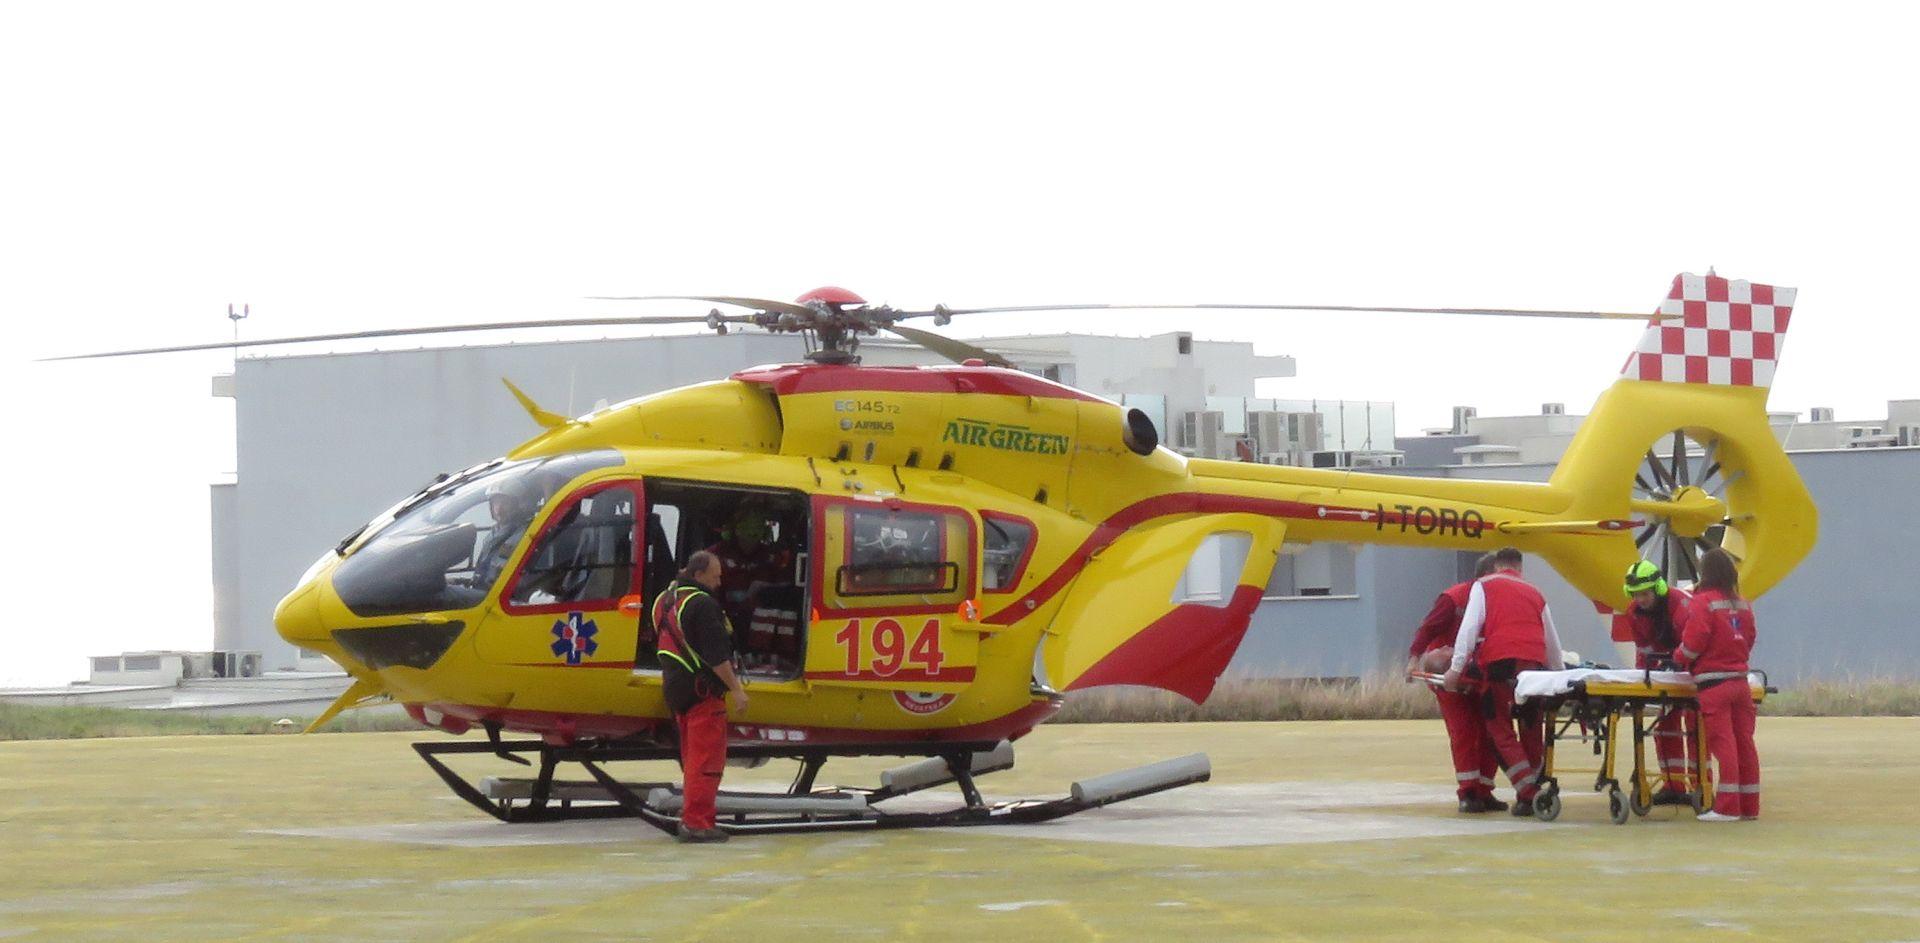 MIŠLJENJE MINISTRA ZDRAVLJA: Projekt hitne helikopterske službe